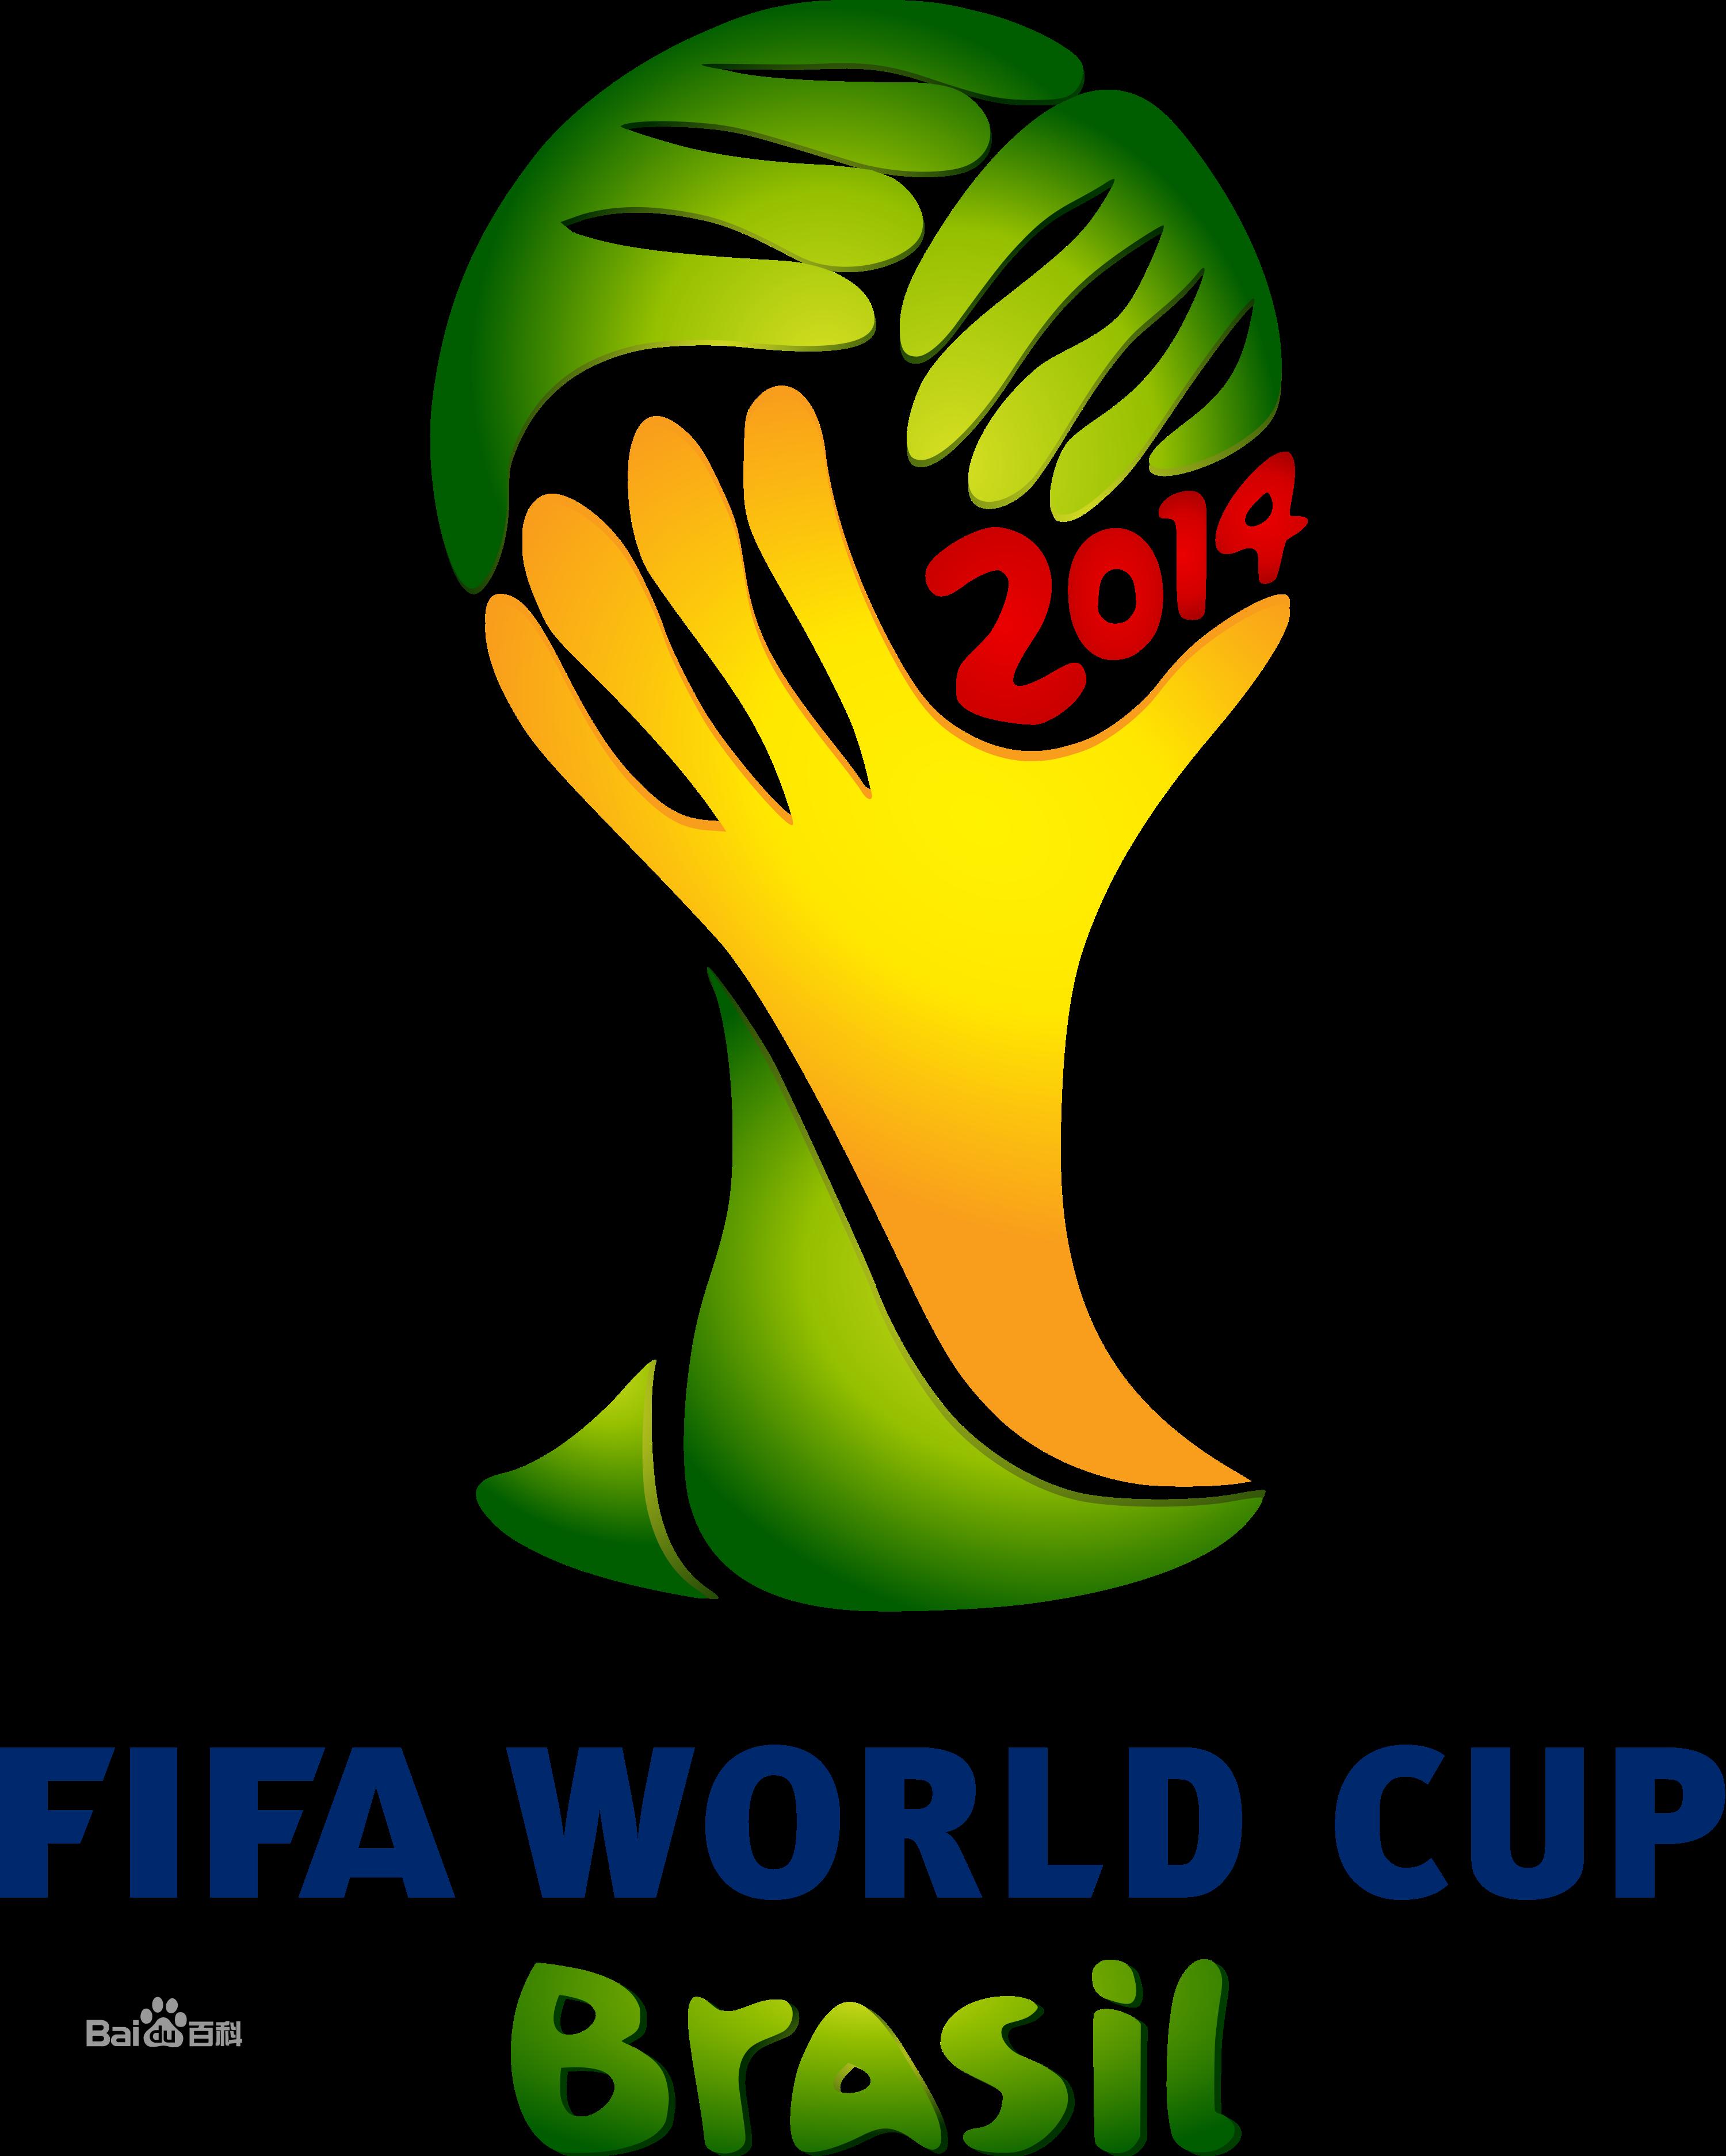 2014年世界杯冠军排名 八强球队排名回顾